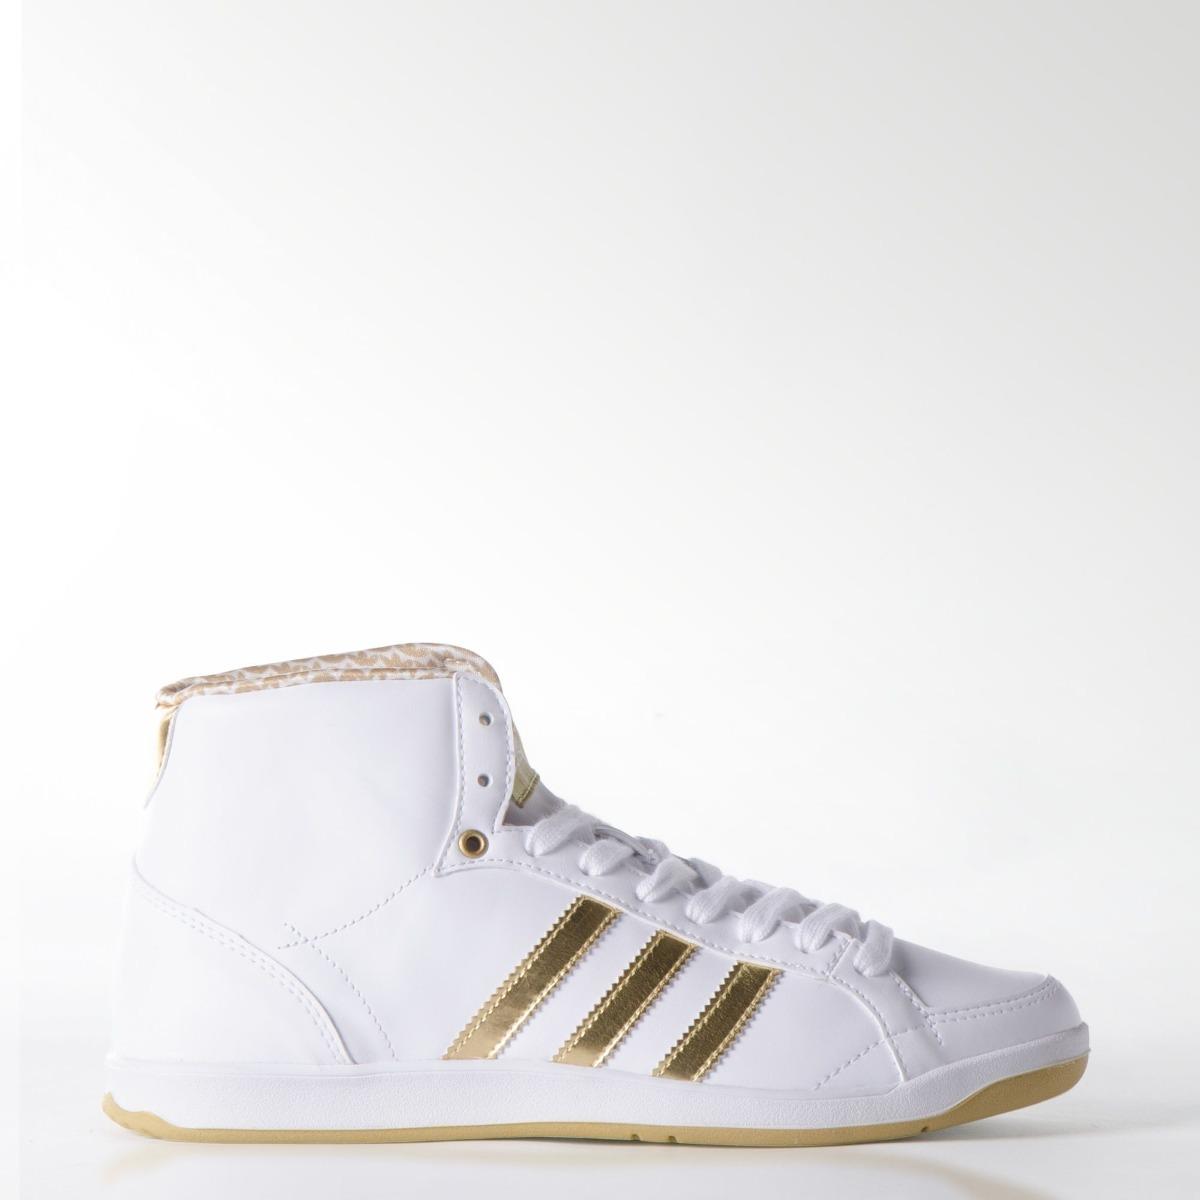 zapatillas adidas botitas doradas